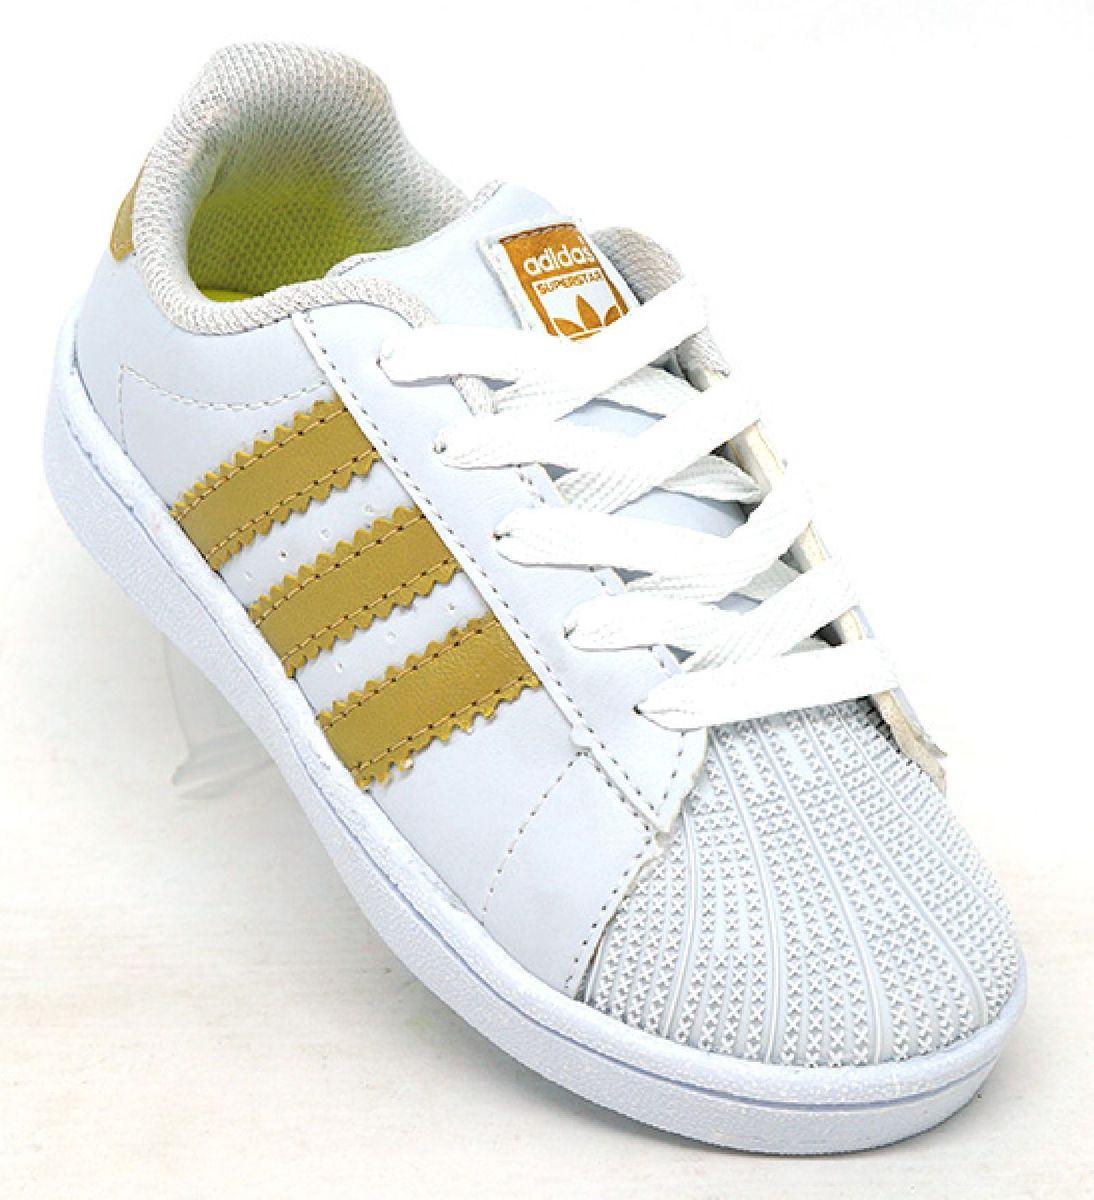 cheap for discount fbf76 254ce adidas superstar branco e dourado - tênis adidas.  Czm6ly9wag90b3muzw5qb2vplmnvbs5ici9wcm9kdwn0cy84mtqxmtkwlzhmztvky2flzda2zjrknjblytjmymrjzta5y2q3zgfhlmpwzw  ...